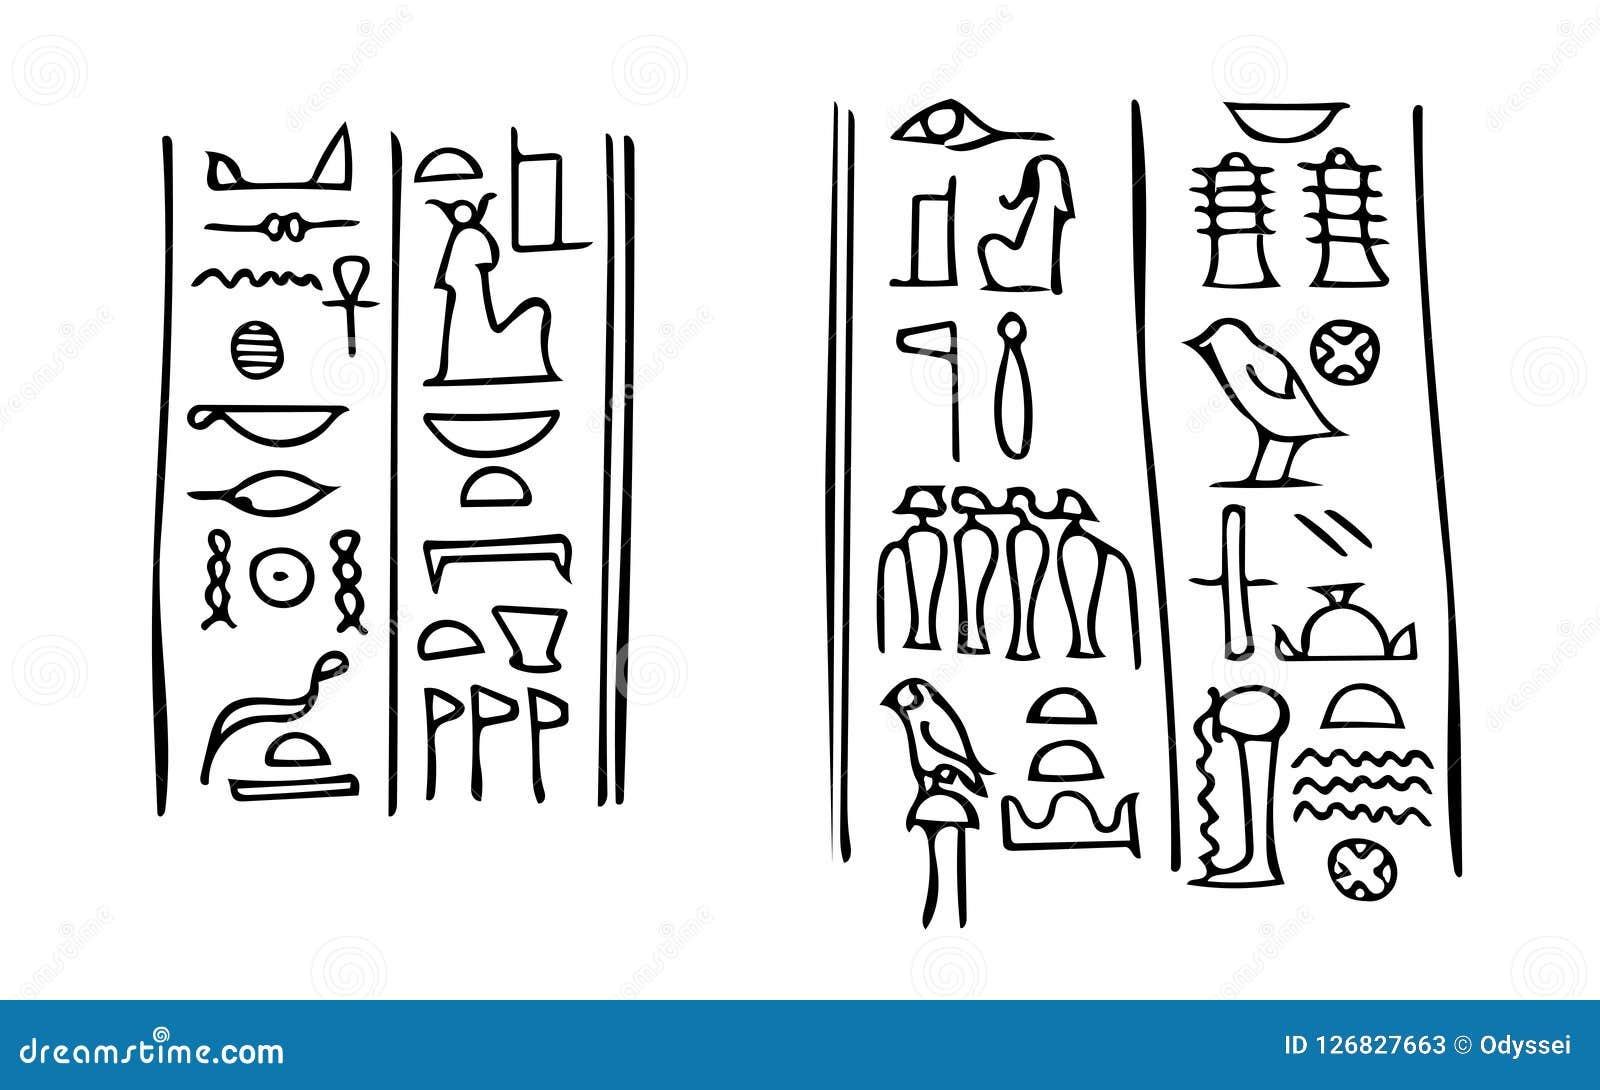 Jeroglíficos egipcios con nombres de ISIS y de Osiris en el templo de Karnak